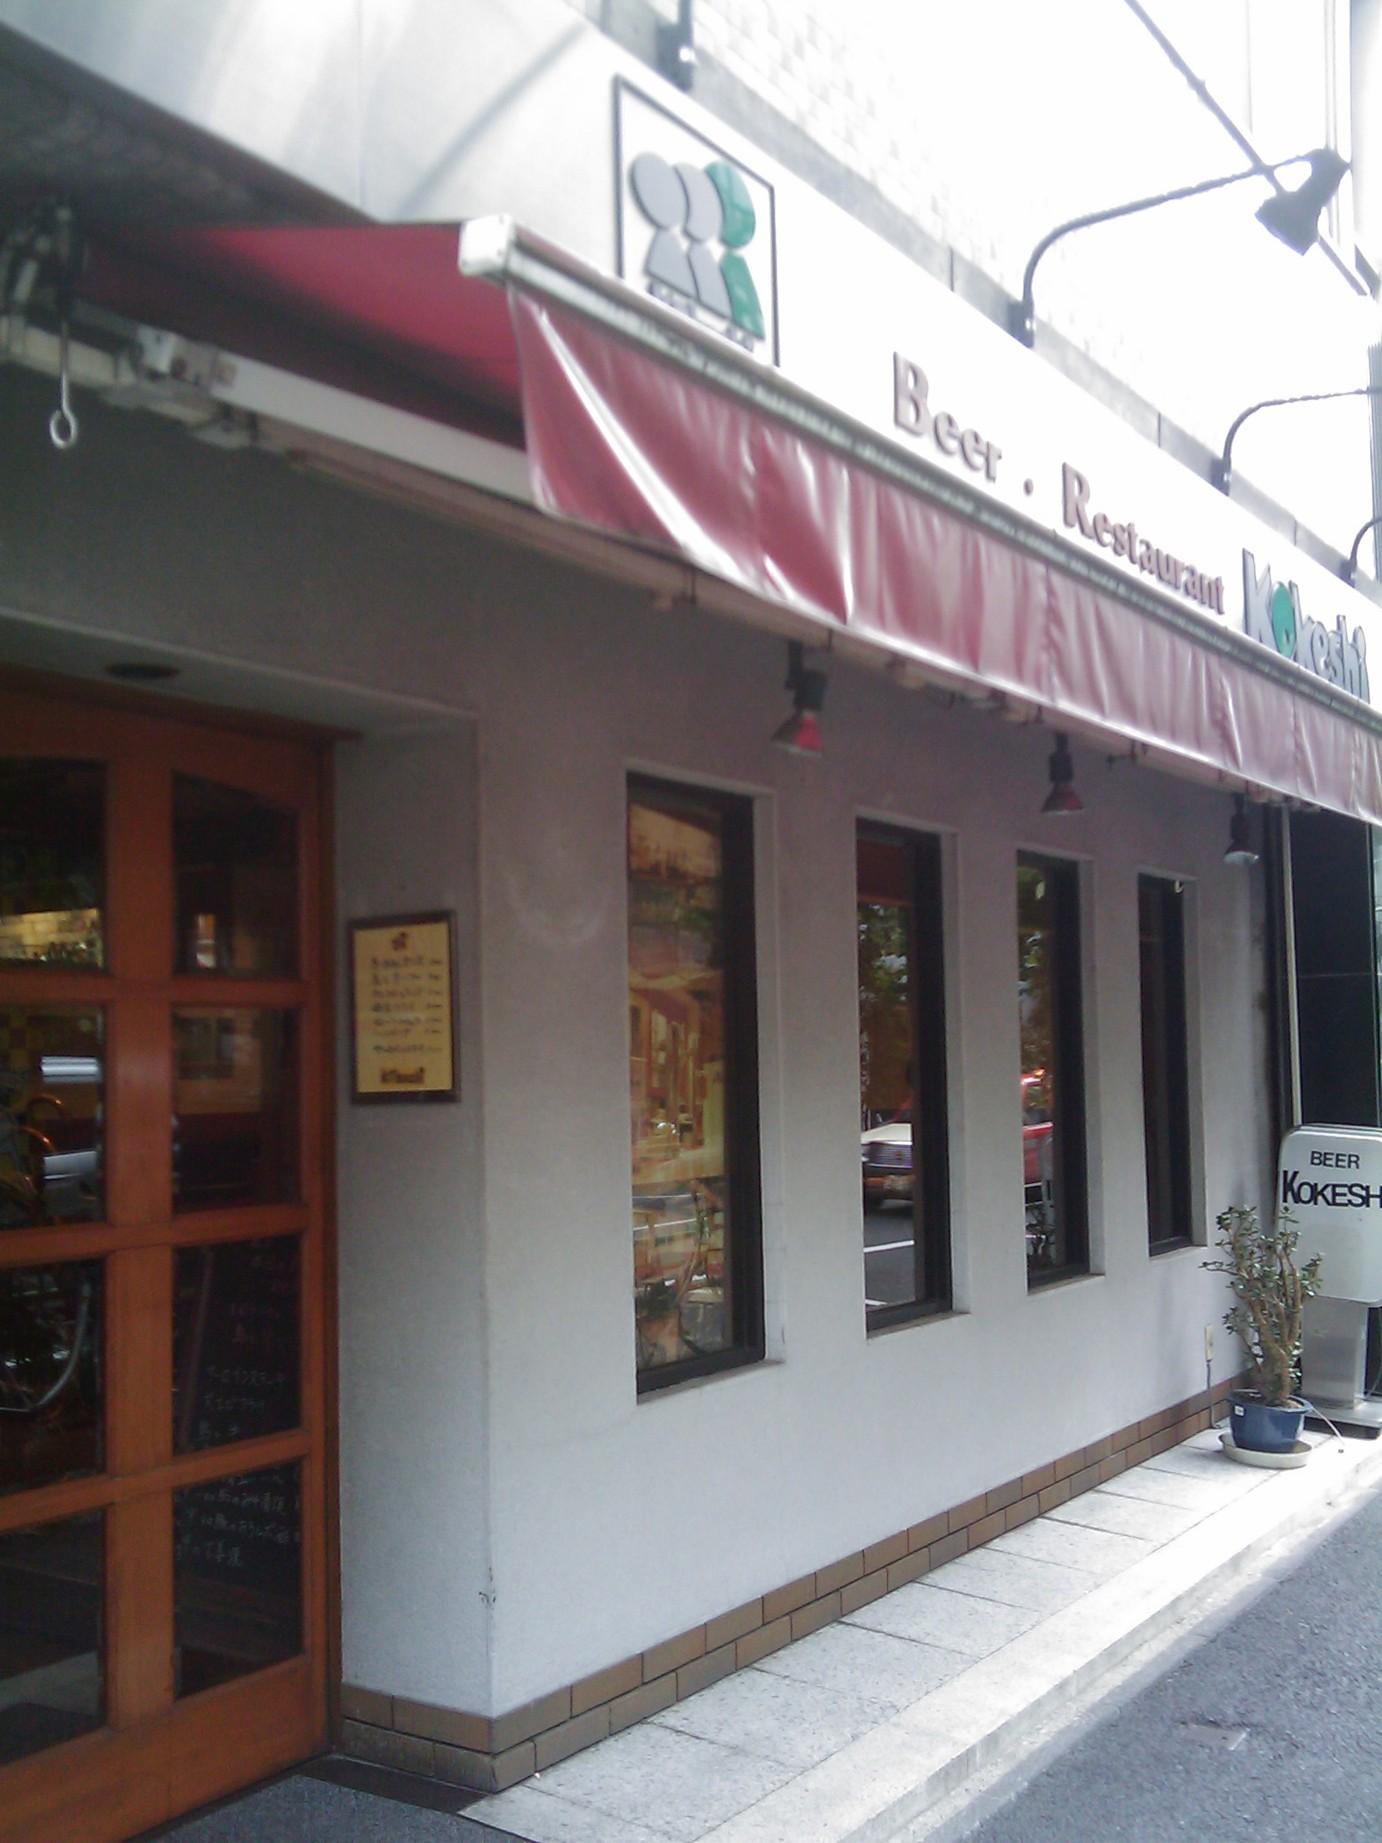 コケシ・ビアレストラン